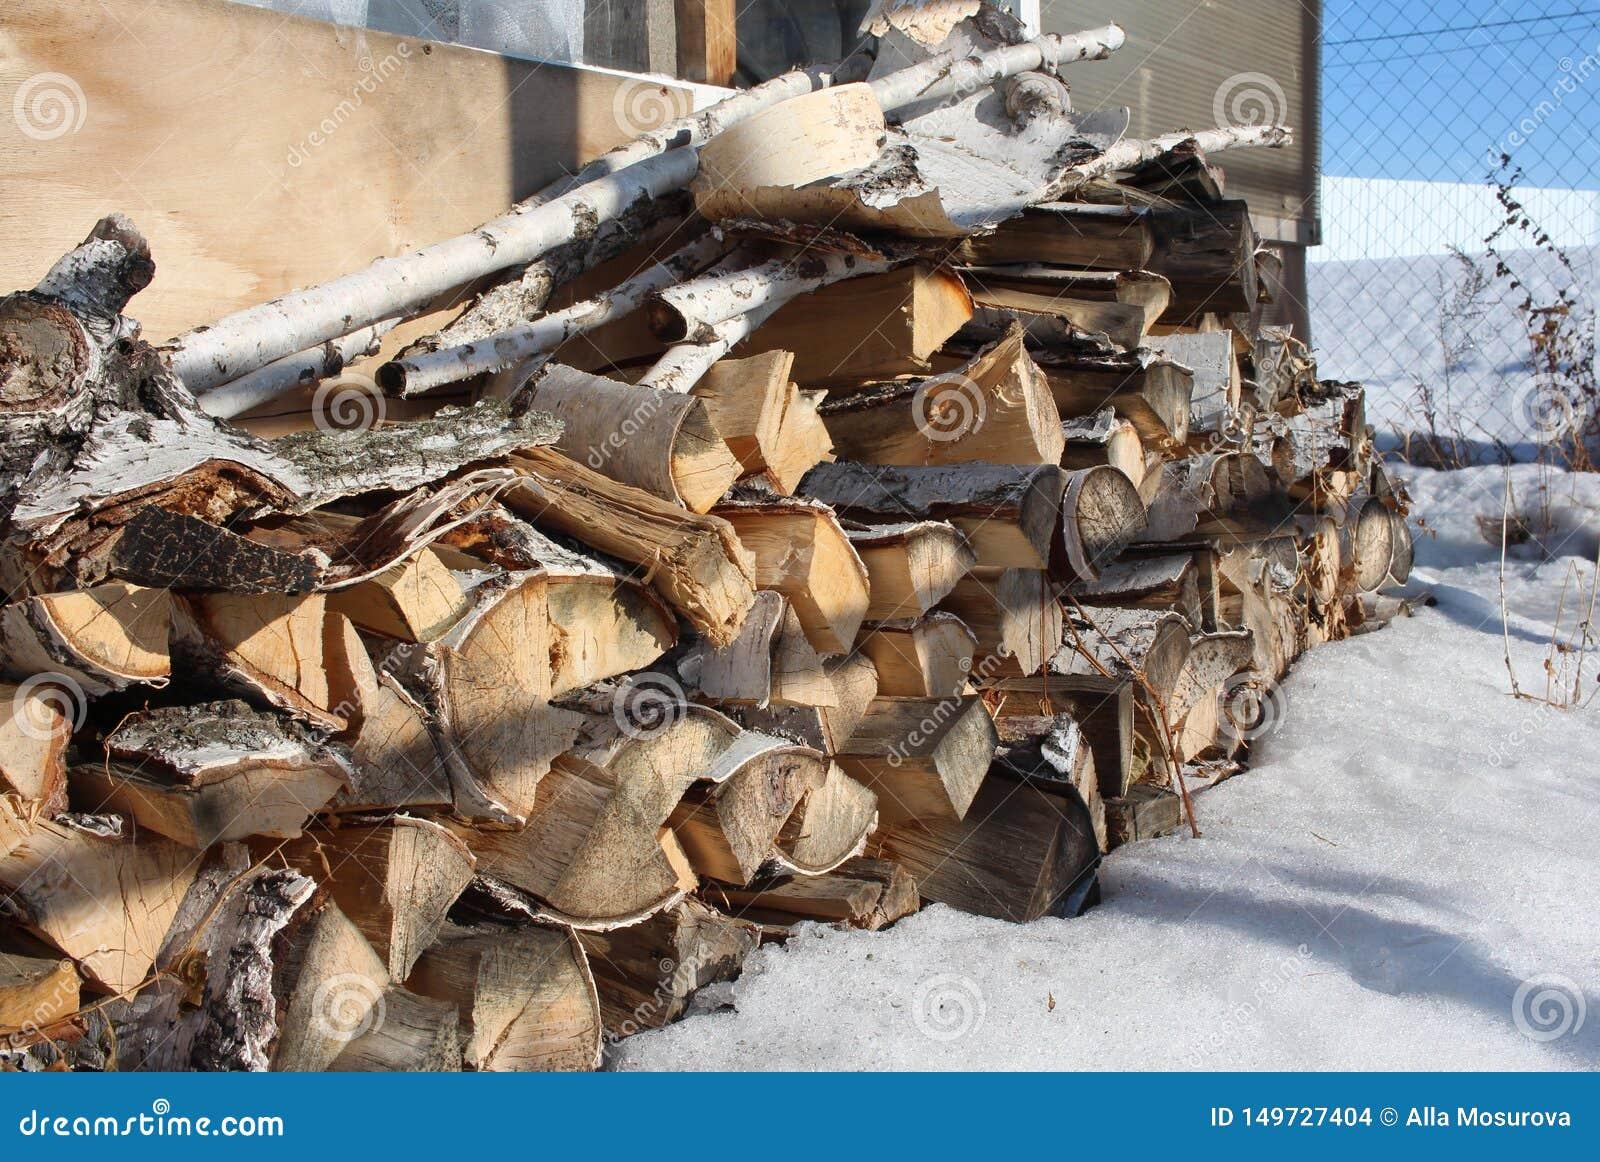 Журналы березовой древесины сложили в куче в снеге подготовленном для разжигать на зима в стоге